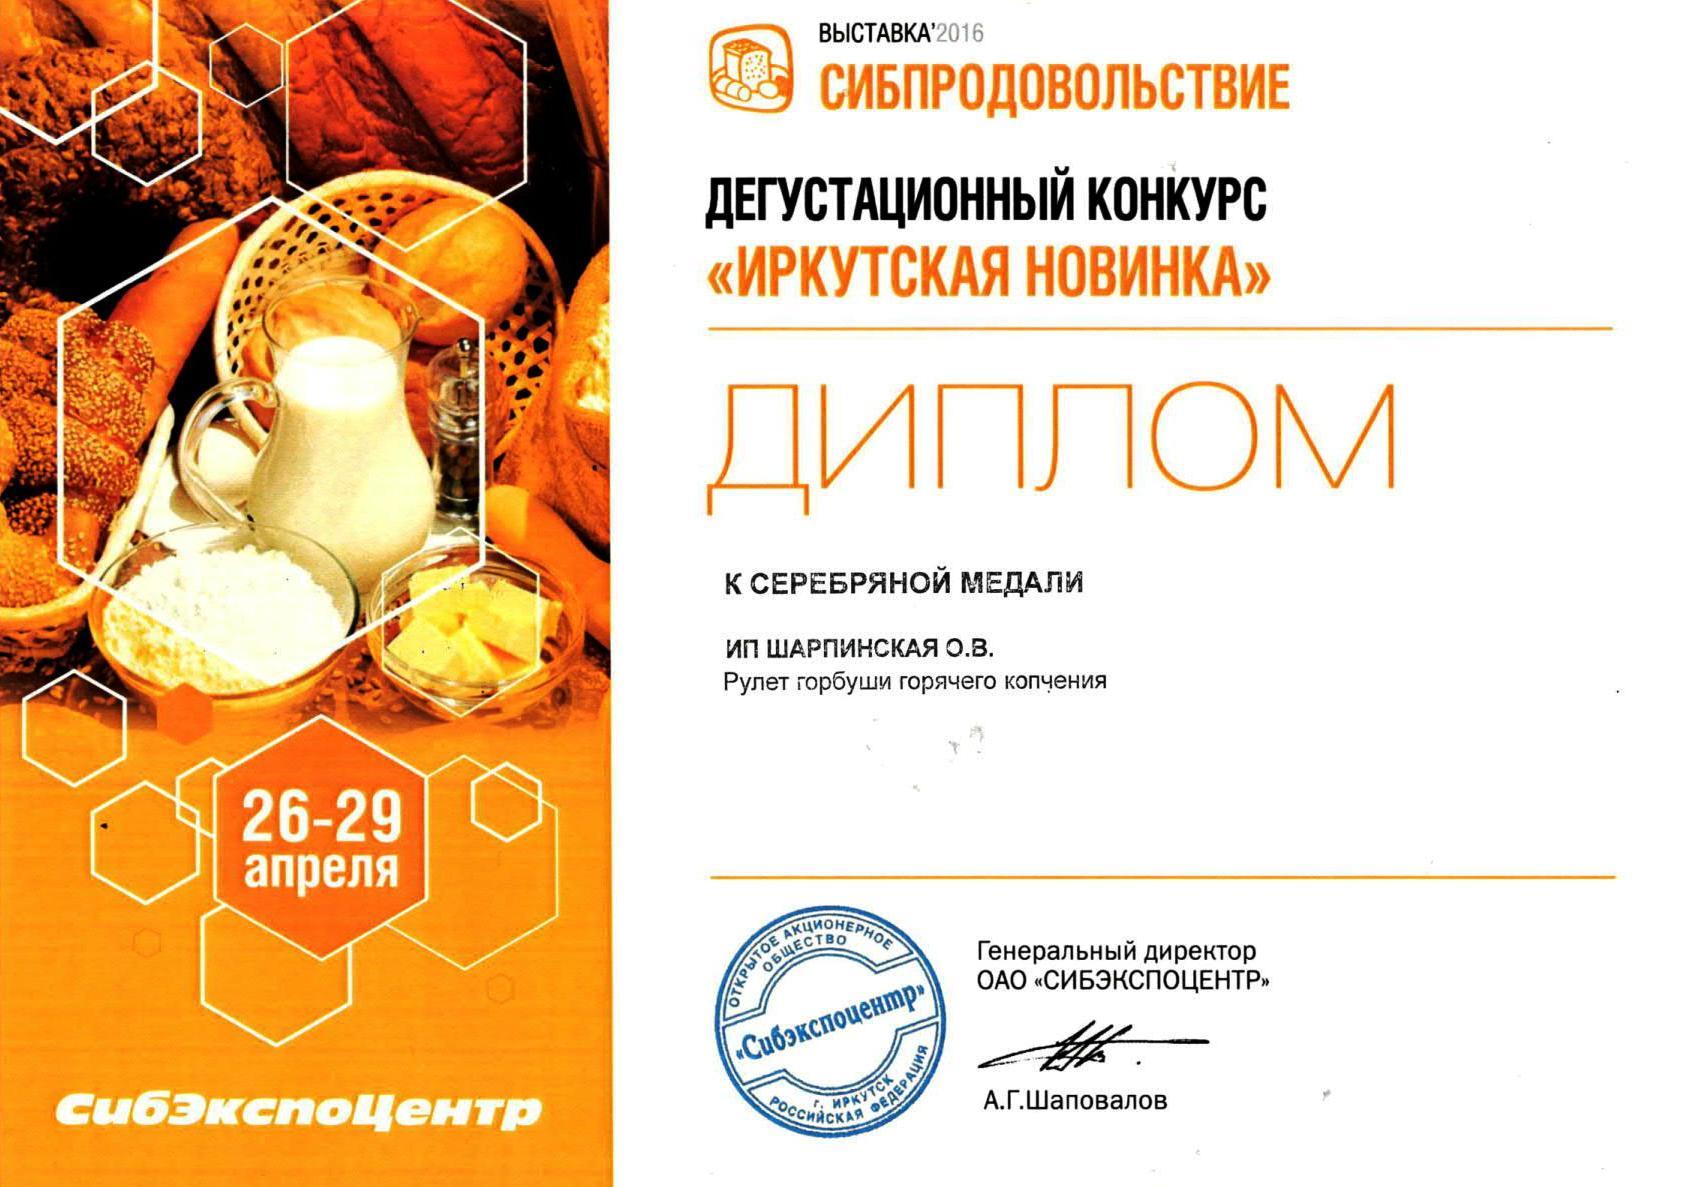 Сибпрод 2016(1) 1